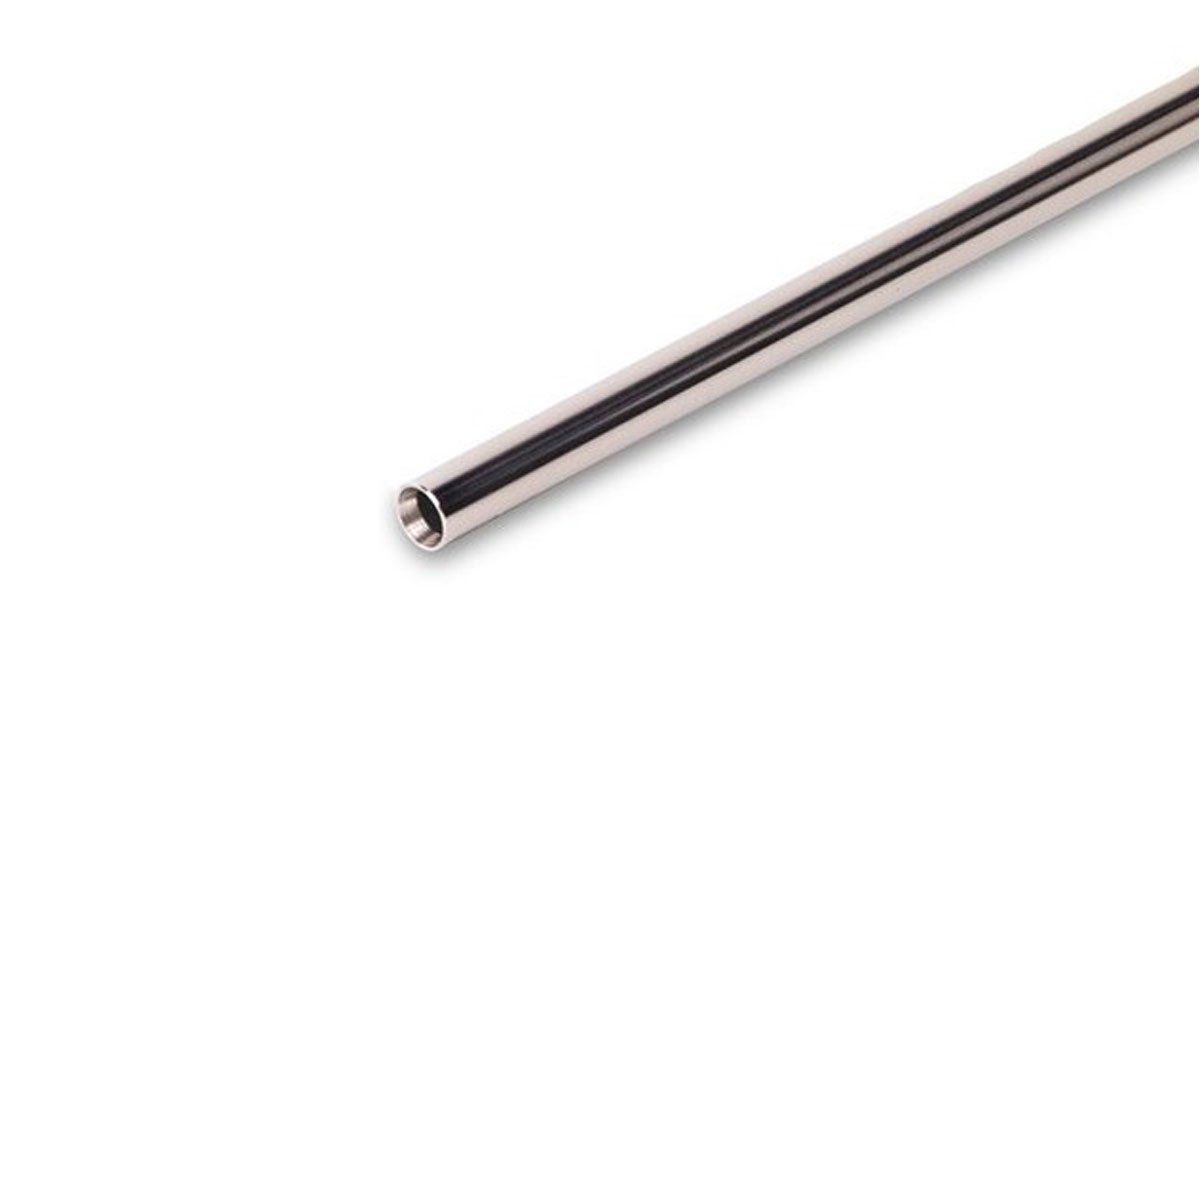 Cano de Precisão em Aço Inox - 509 MM (6.03 mm)